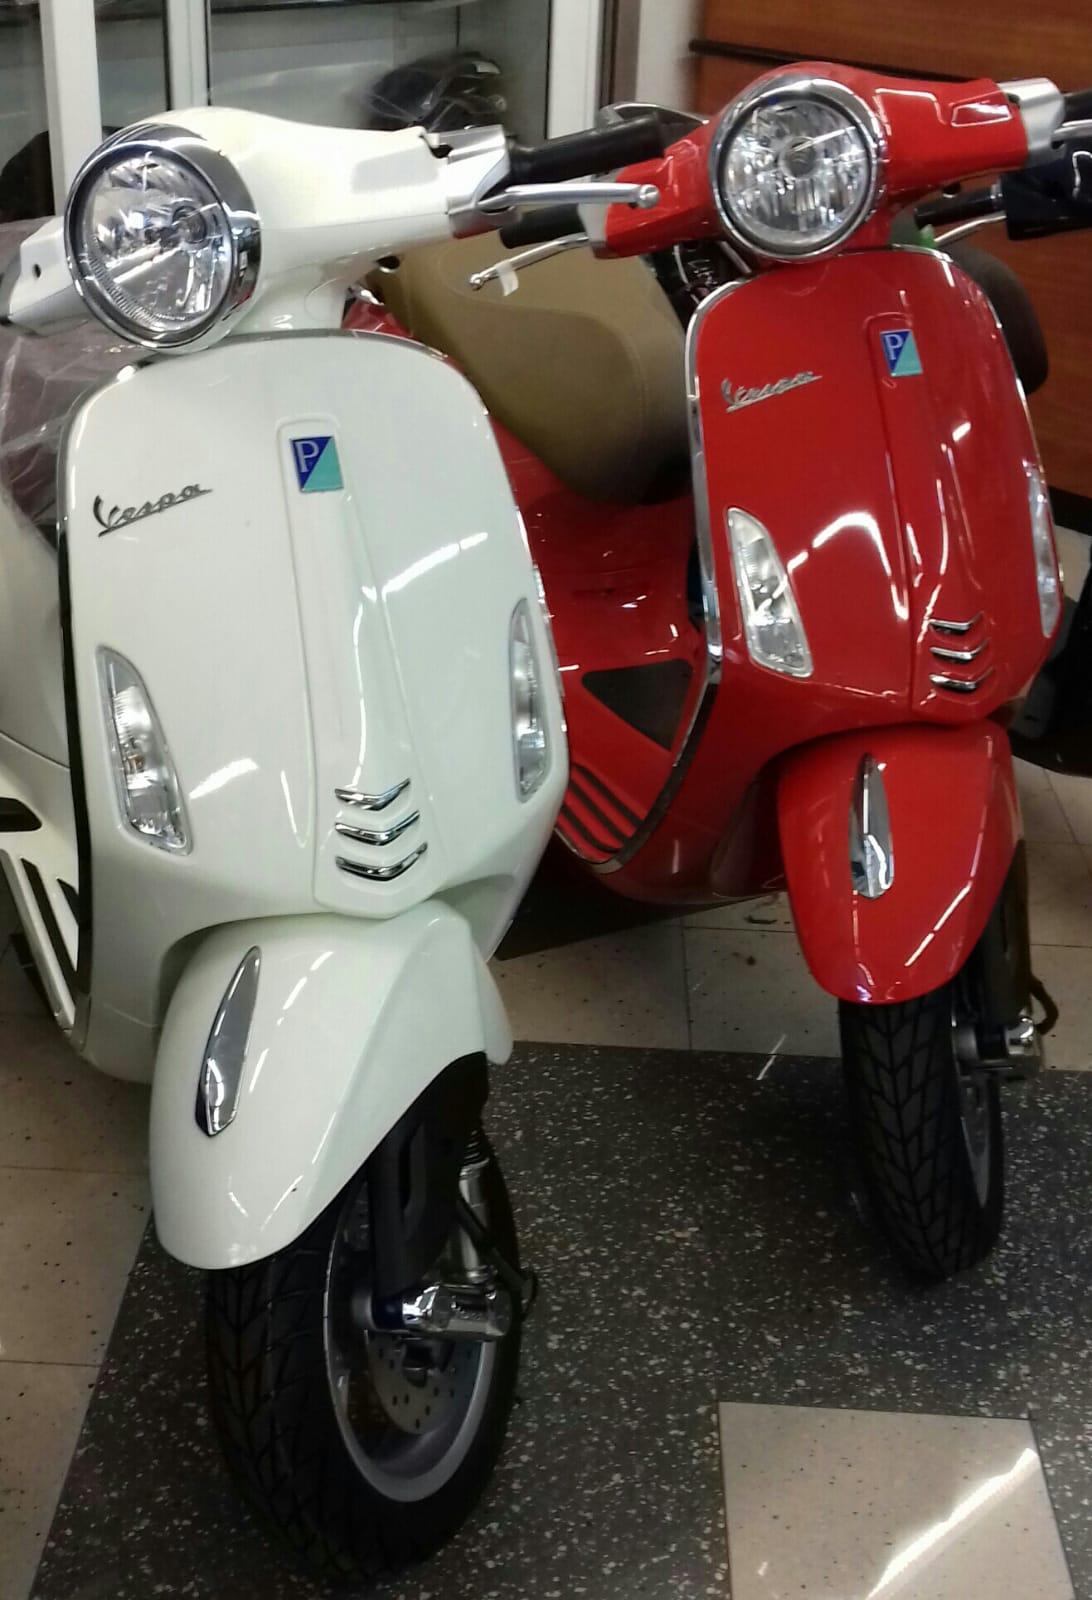 Vendita Veicoli Vespa (Imperia) | Vendita Moto e Scooter Vespa Ventimiglia (Imperia) | QUATTRONE MOTORI